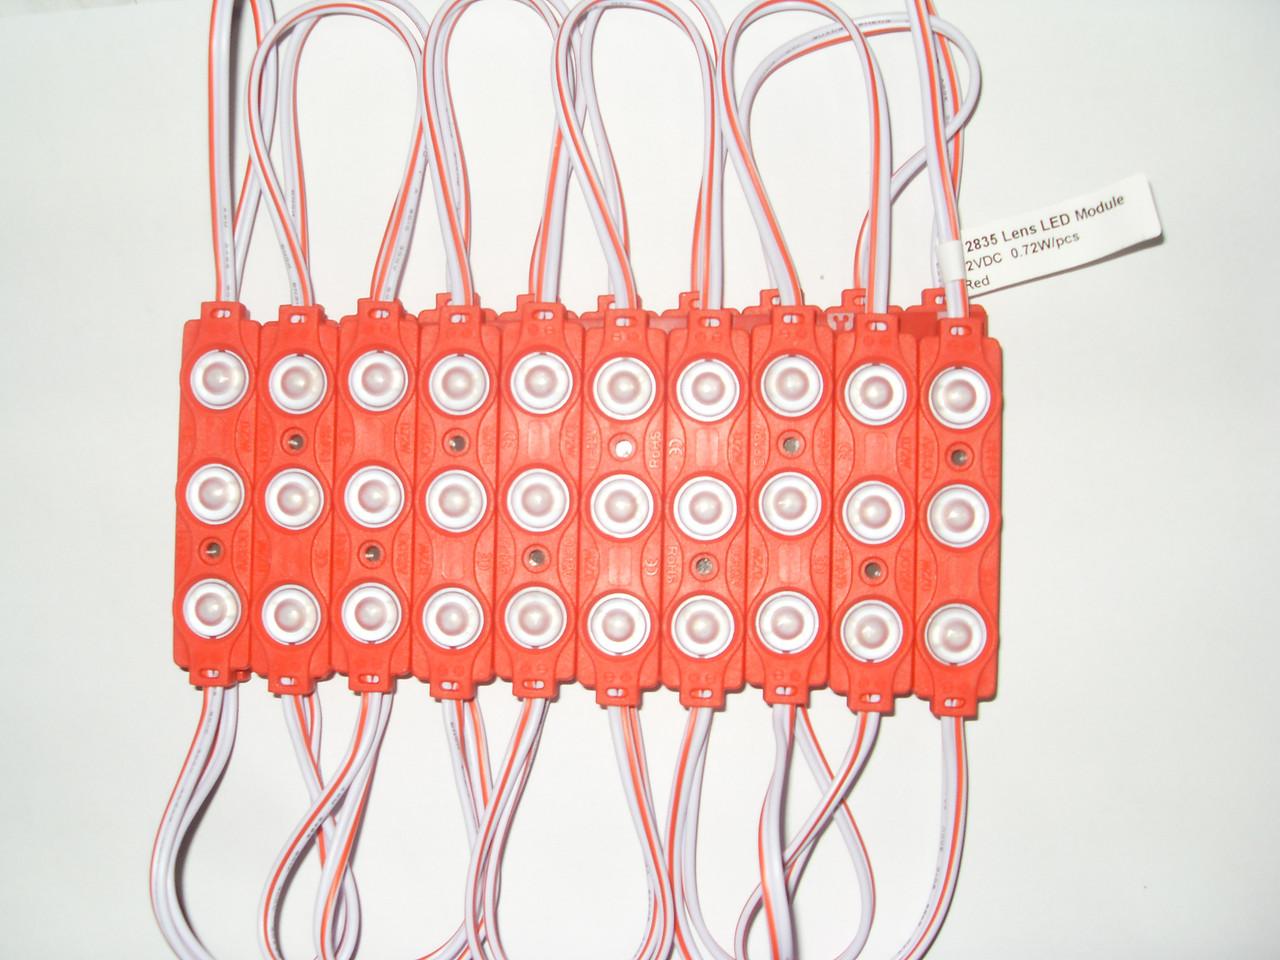 Красный светодиодный модуль SMD 2835 с линзой кластер RED 3 LED 0.72 вт